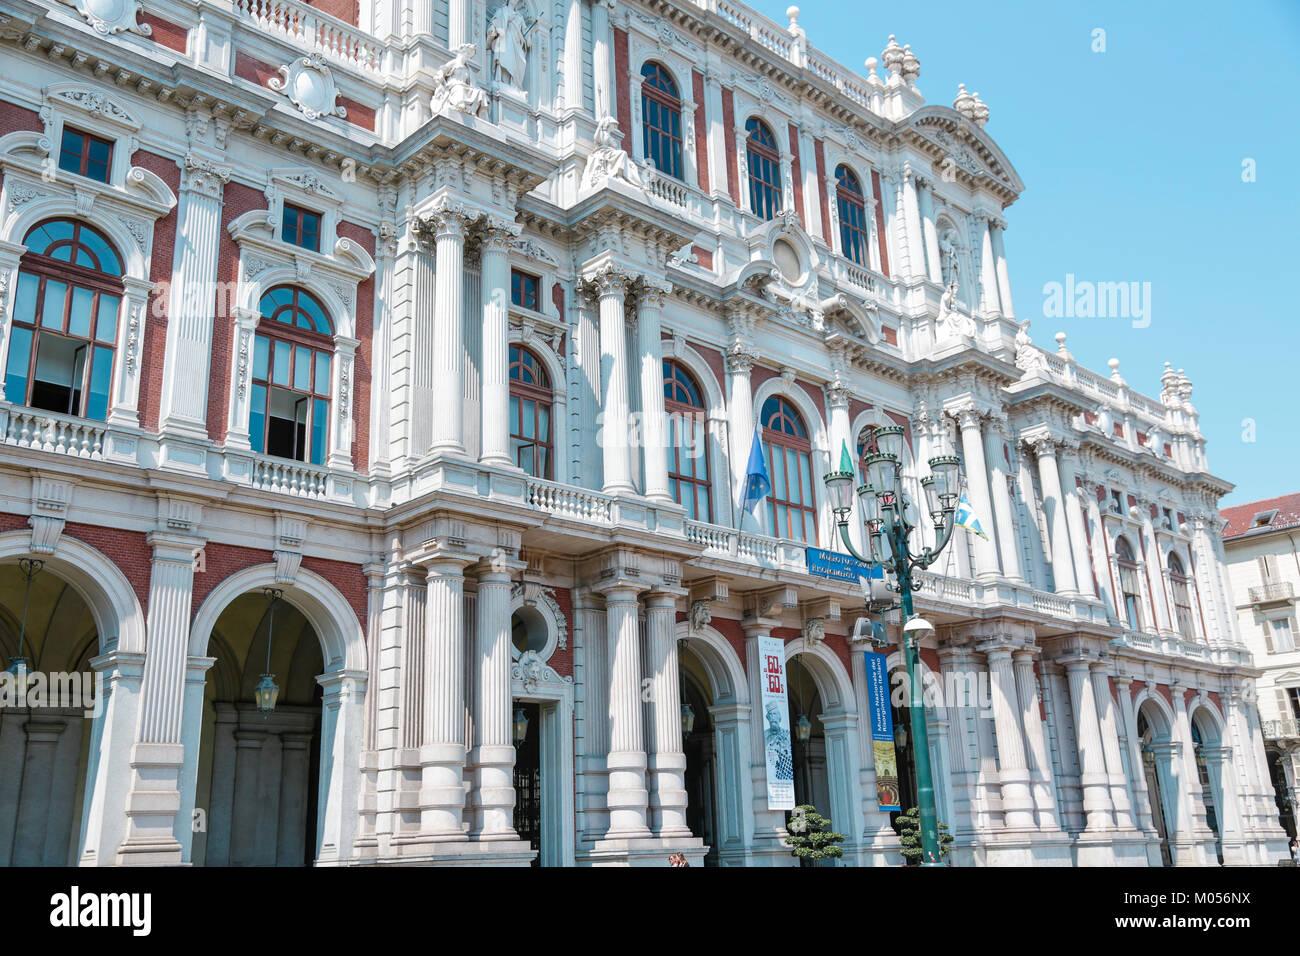 Museo Del Risorgimento.Turin Italy Museo Del Risorgimento Italiano And Historical Palaces